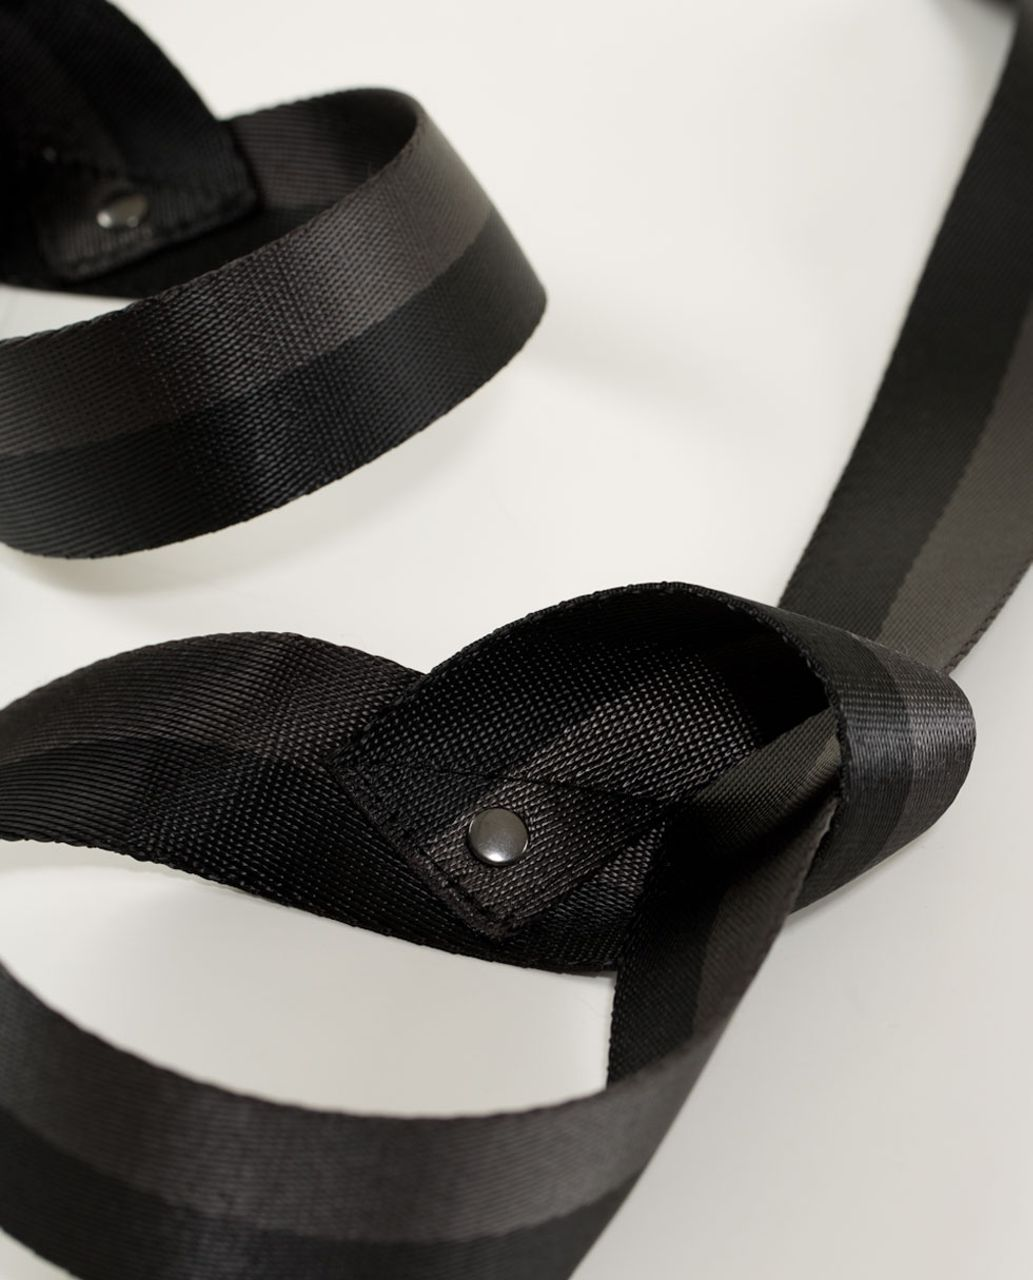 Lululemon Loop It Up Mat Strap - Black / Soot